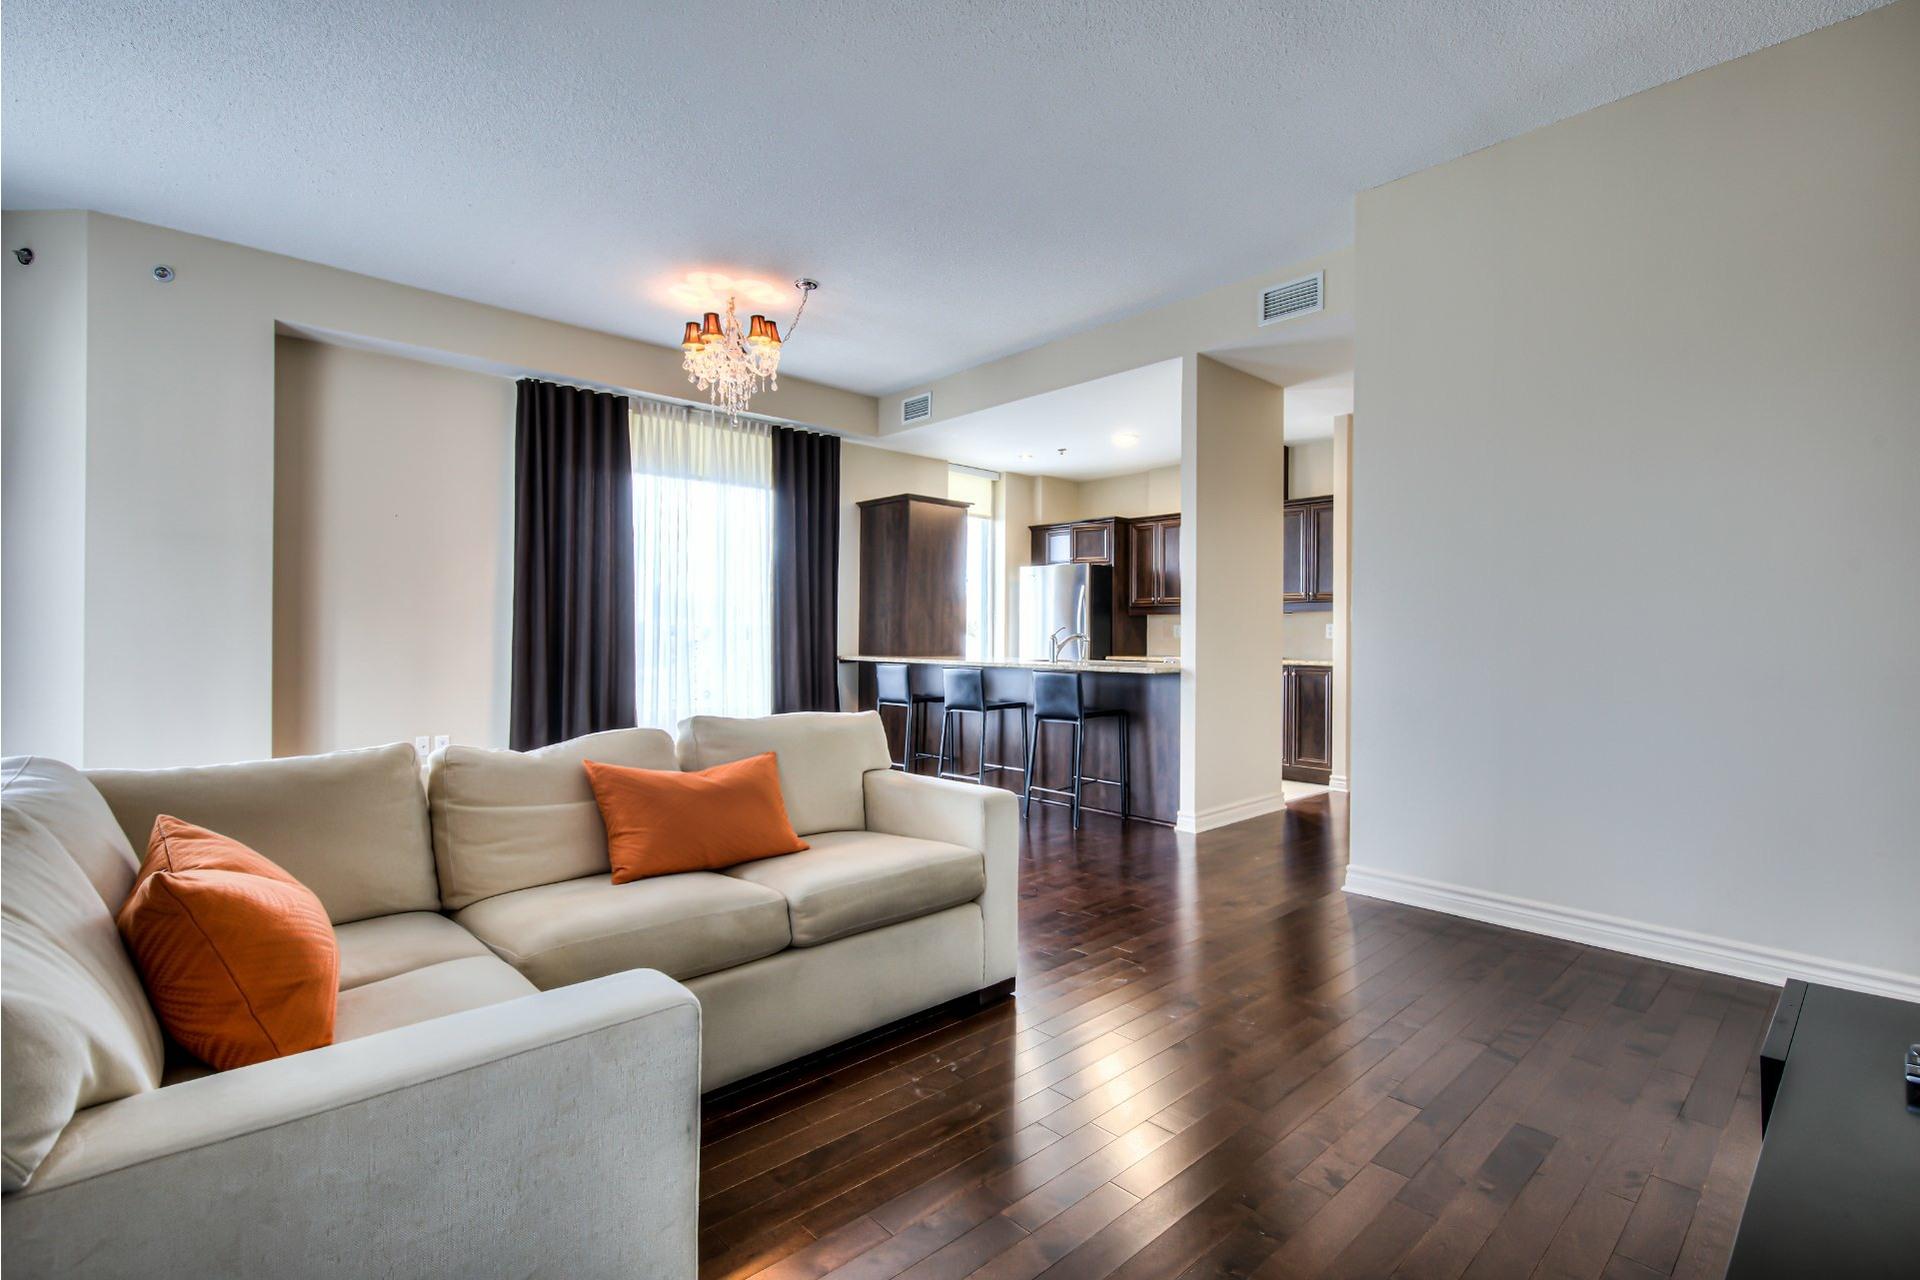 image 11 - Appartement À vendre Vaudreuil-Dorion - 8 pièces